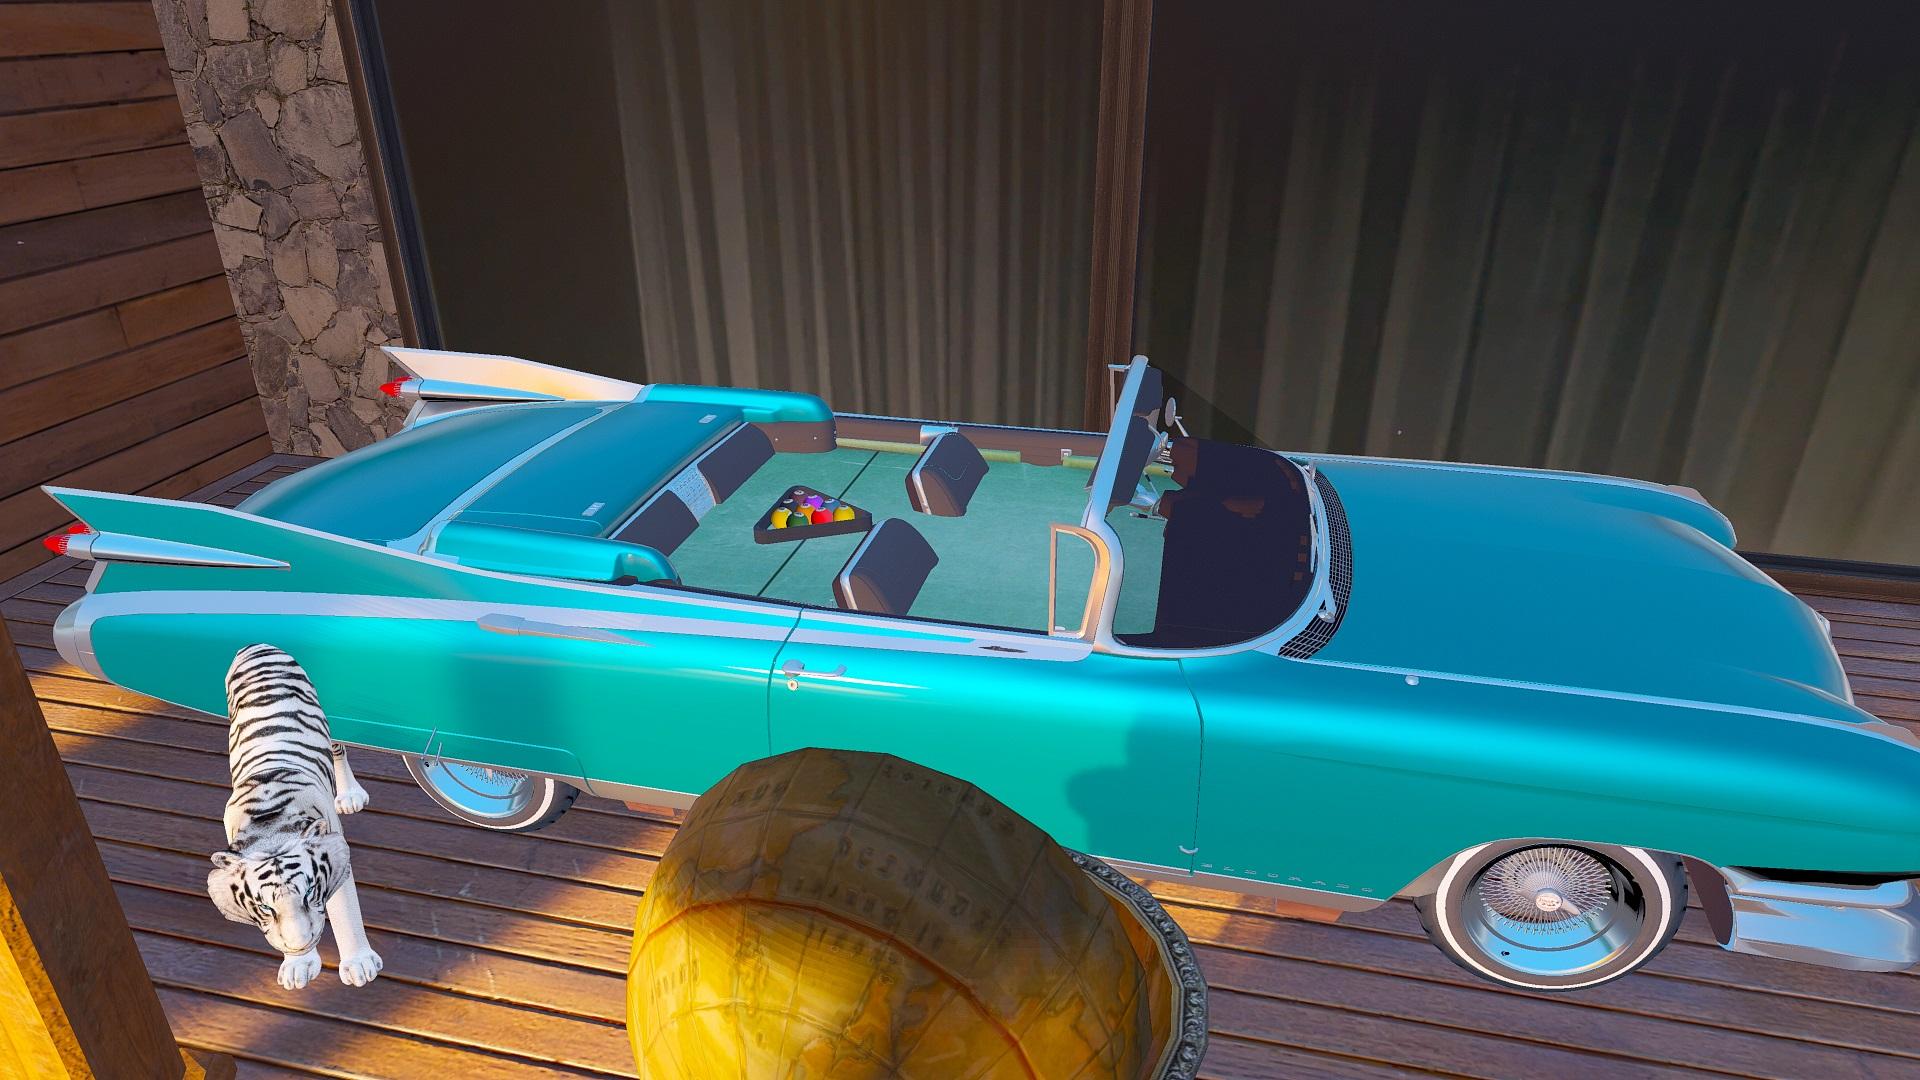 0_1503025368359_Grand Theft Auto V 8_17_2017 7_56_27 PM.jpg